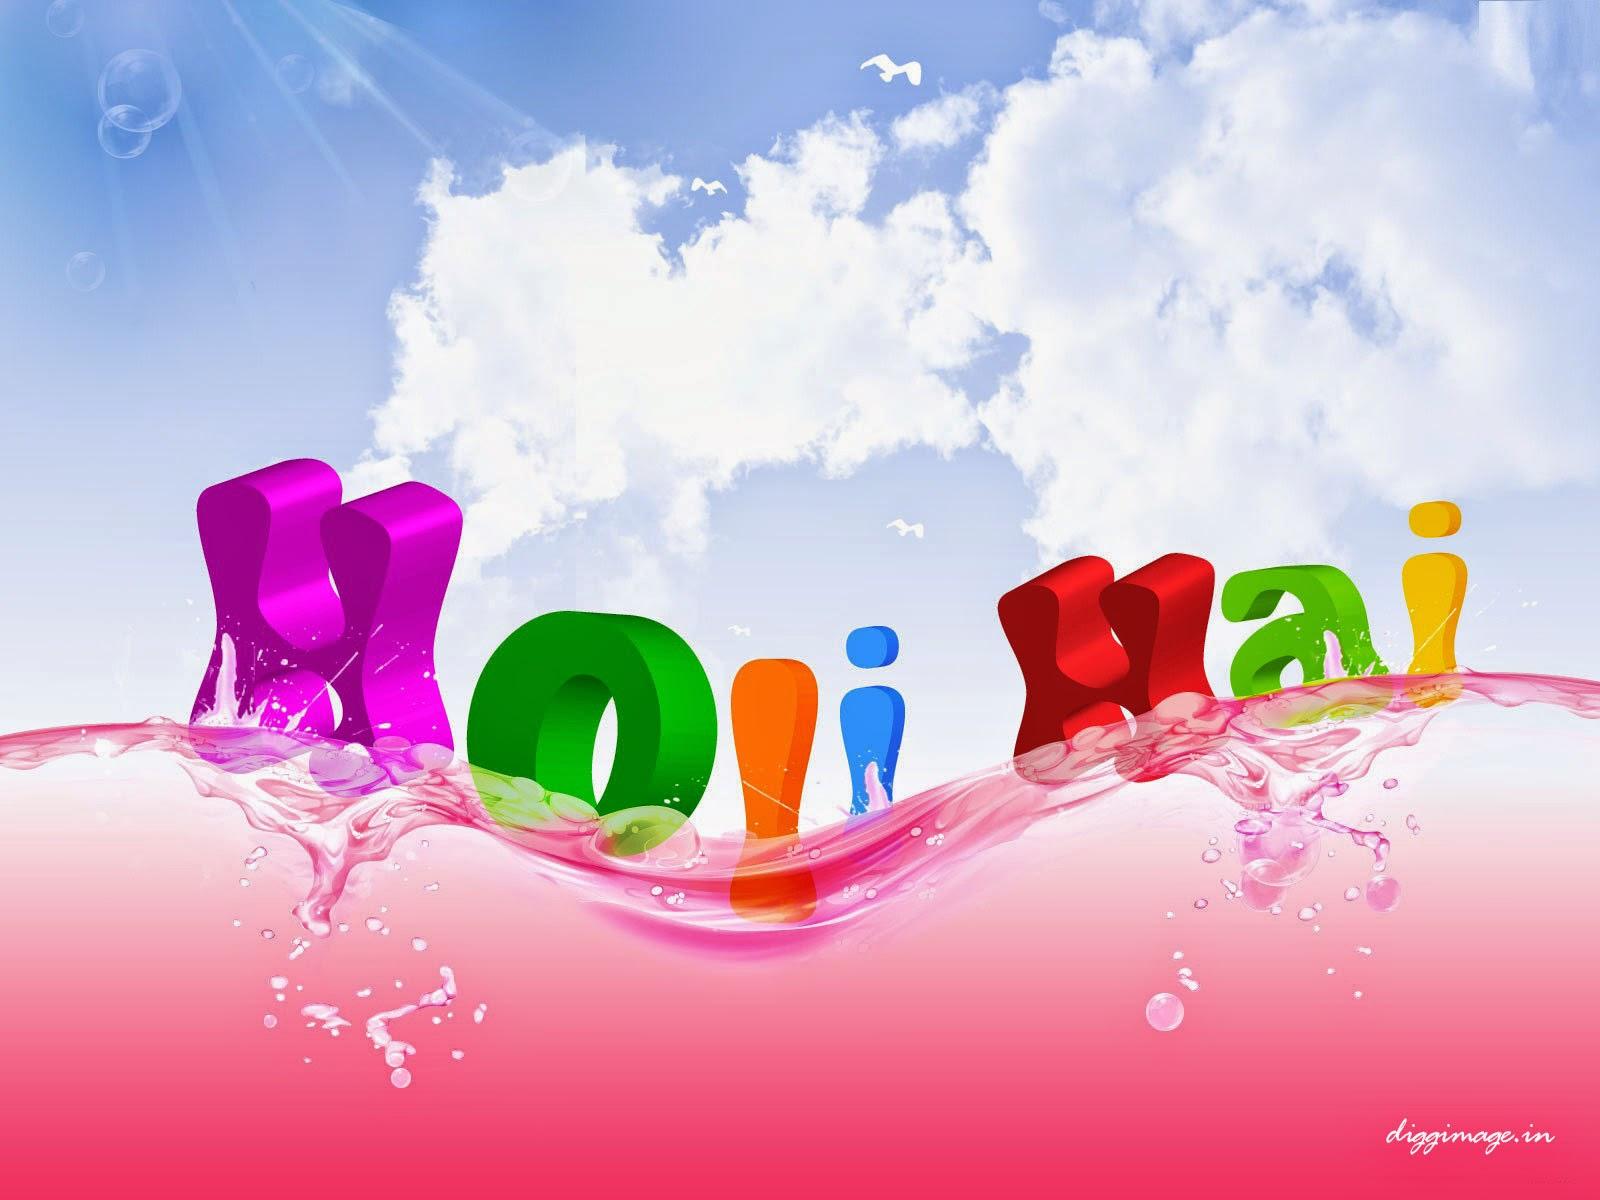 holi, holi day, holi festival, Holi 2015, holi festival india, holi festival 2016, holi in india, holi colours, holi traditions, holi recipes, holi